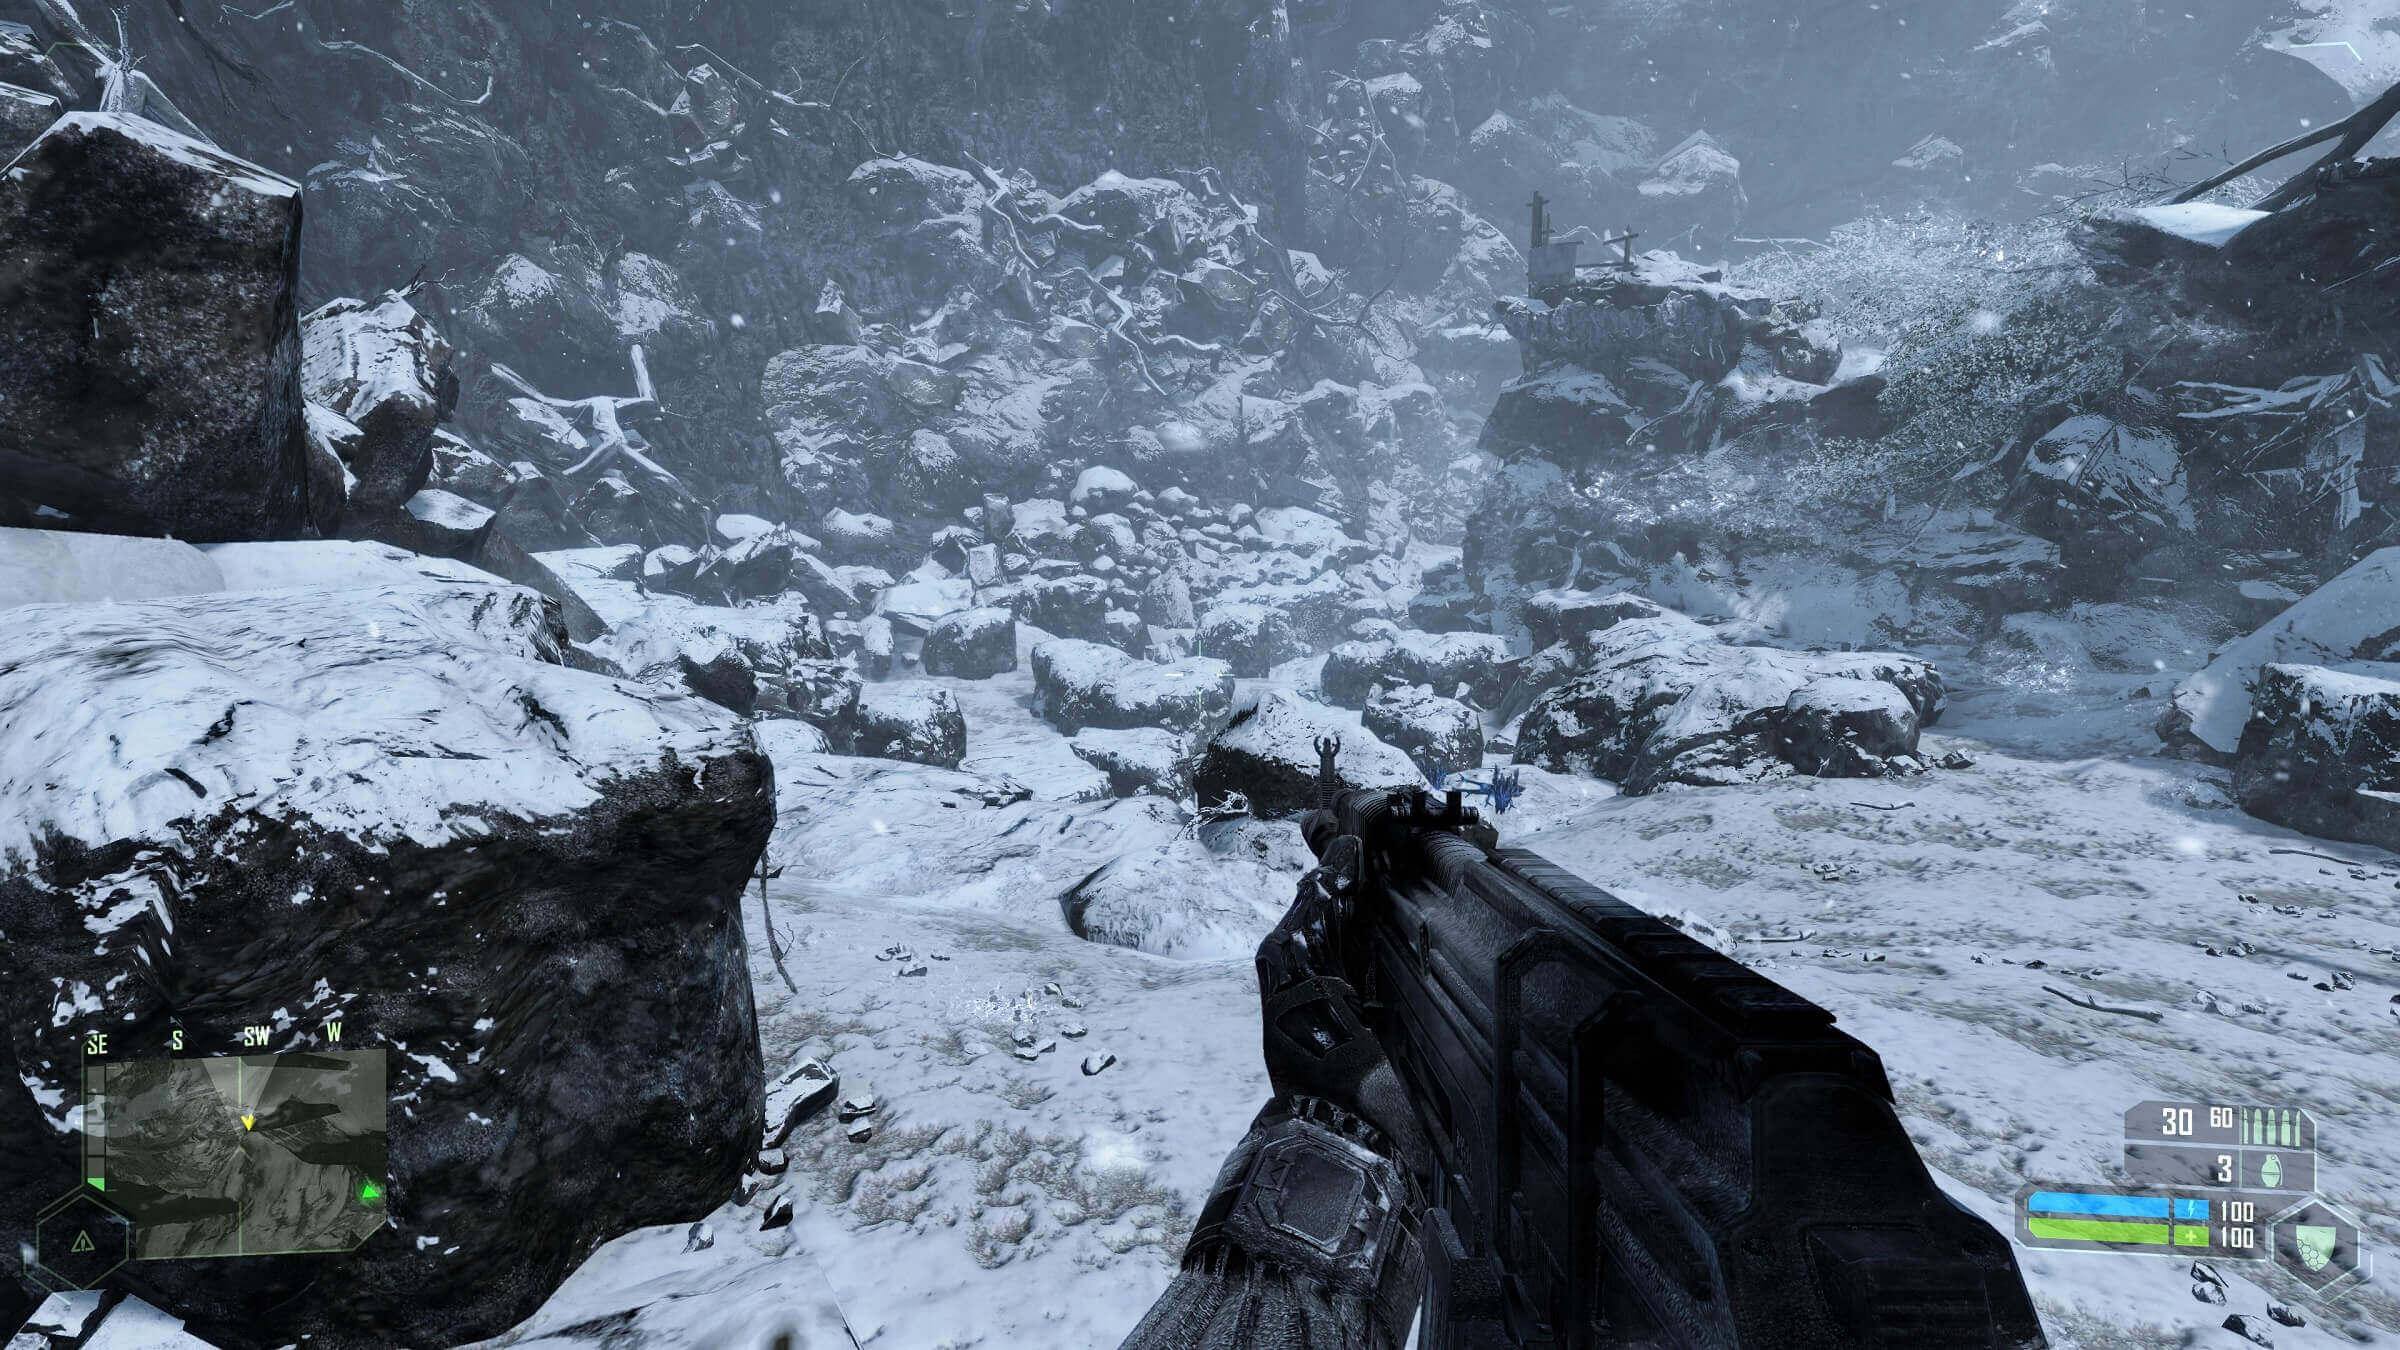 «А Crysis потянет?» Почему до сих пор обсуждают игру, выпущенную 13 лет назад - 15